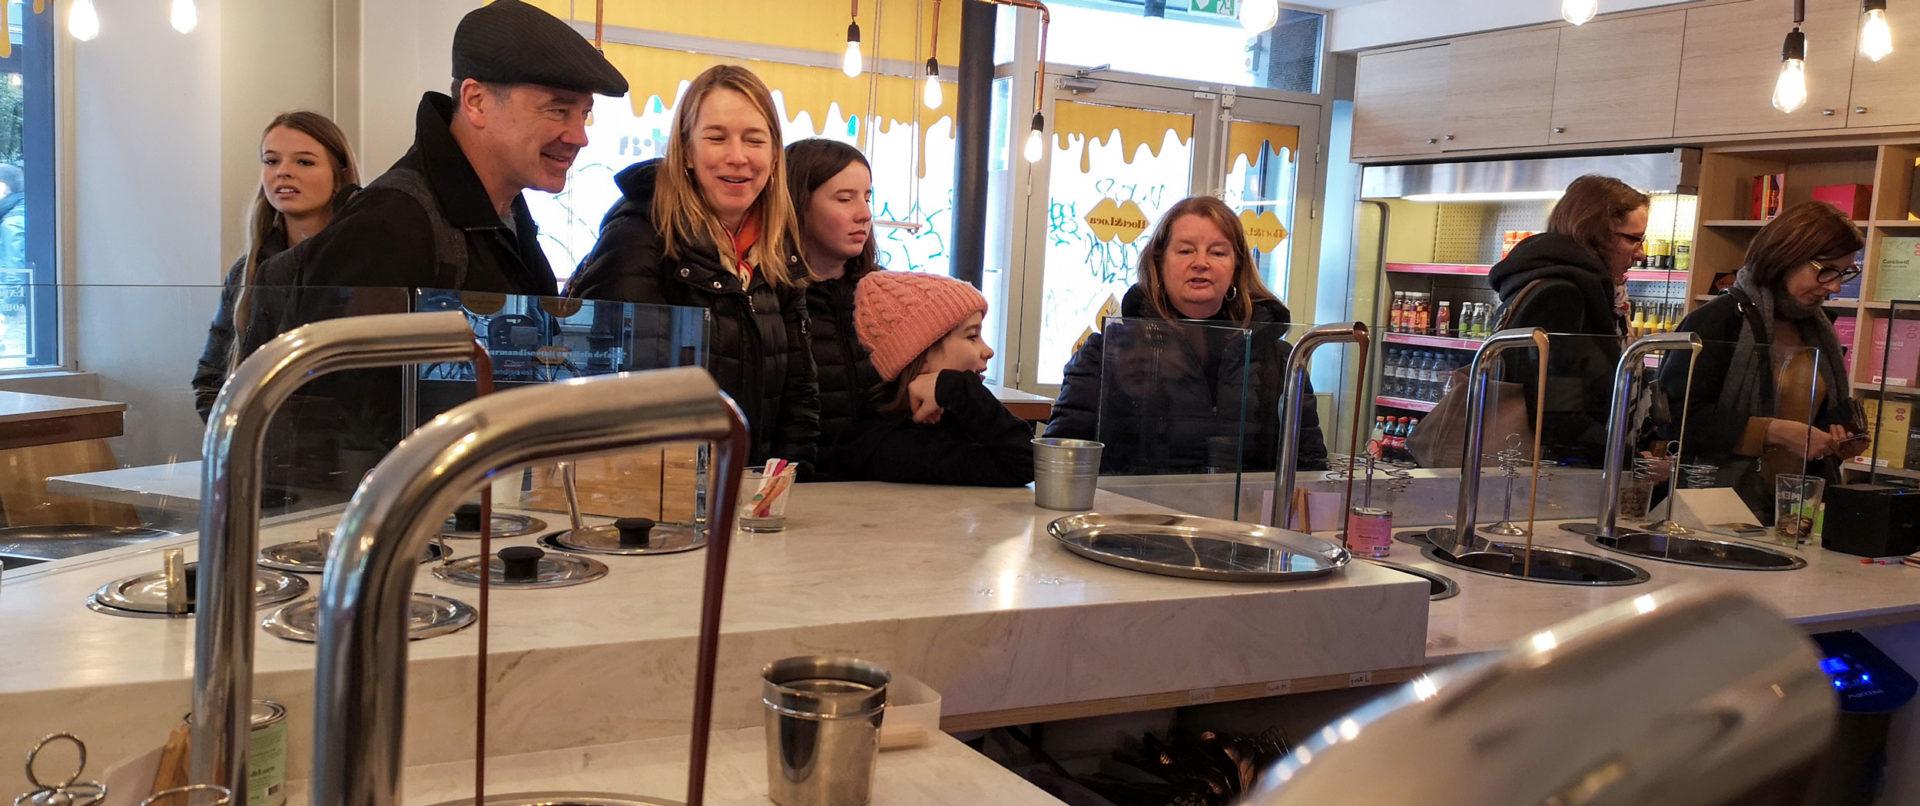 pastry-tour-paris-chocolate-experience